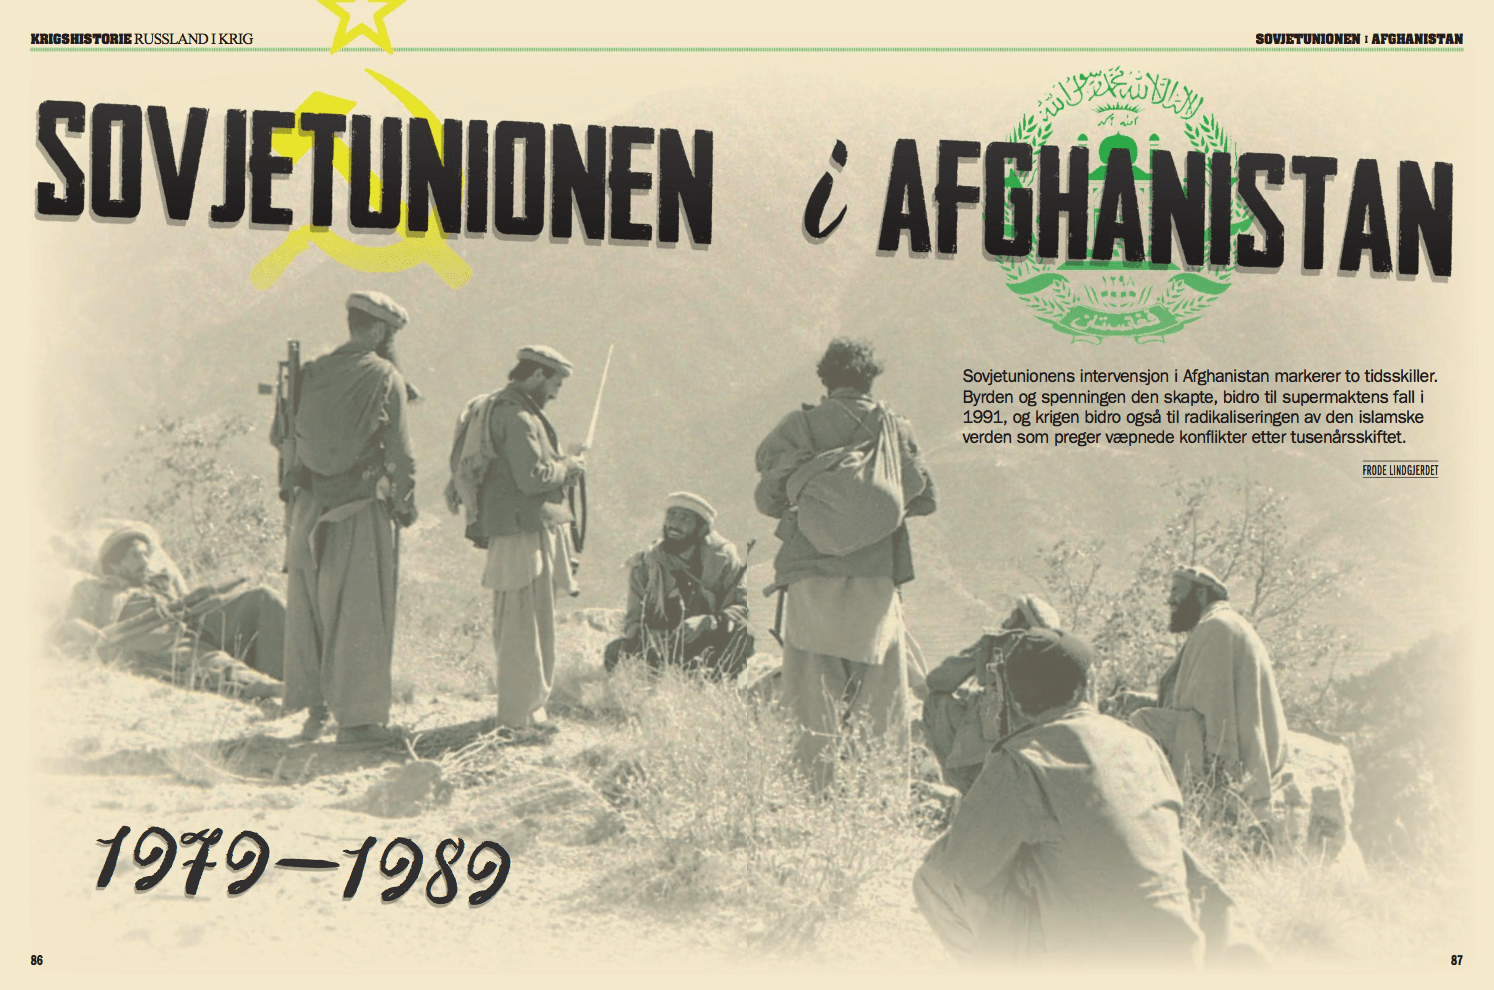 Sovjetunionen i Afghanistan, oppslag